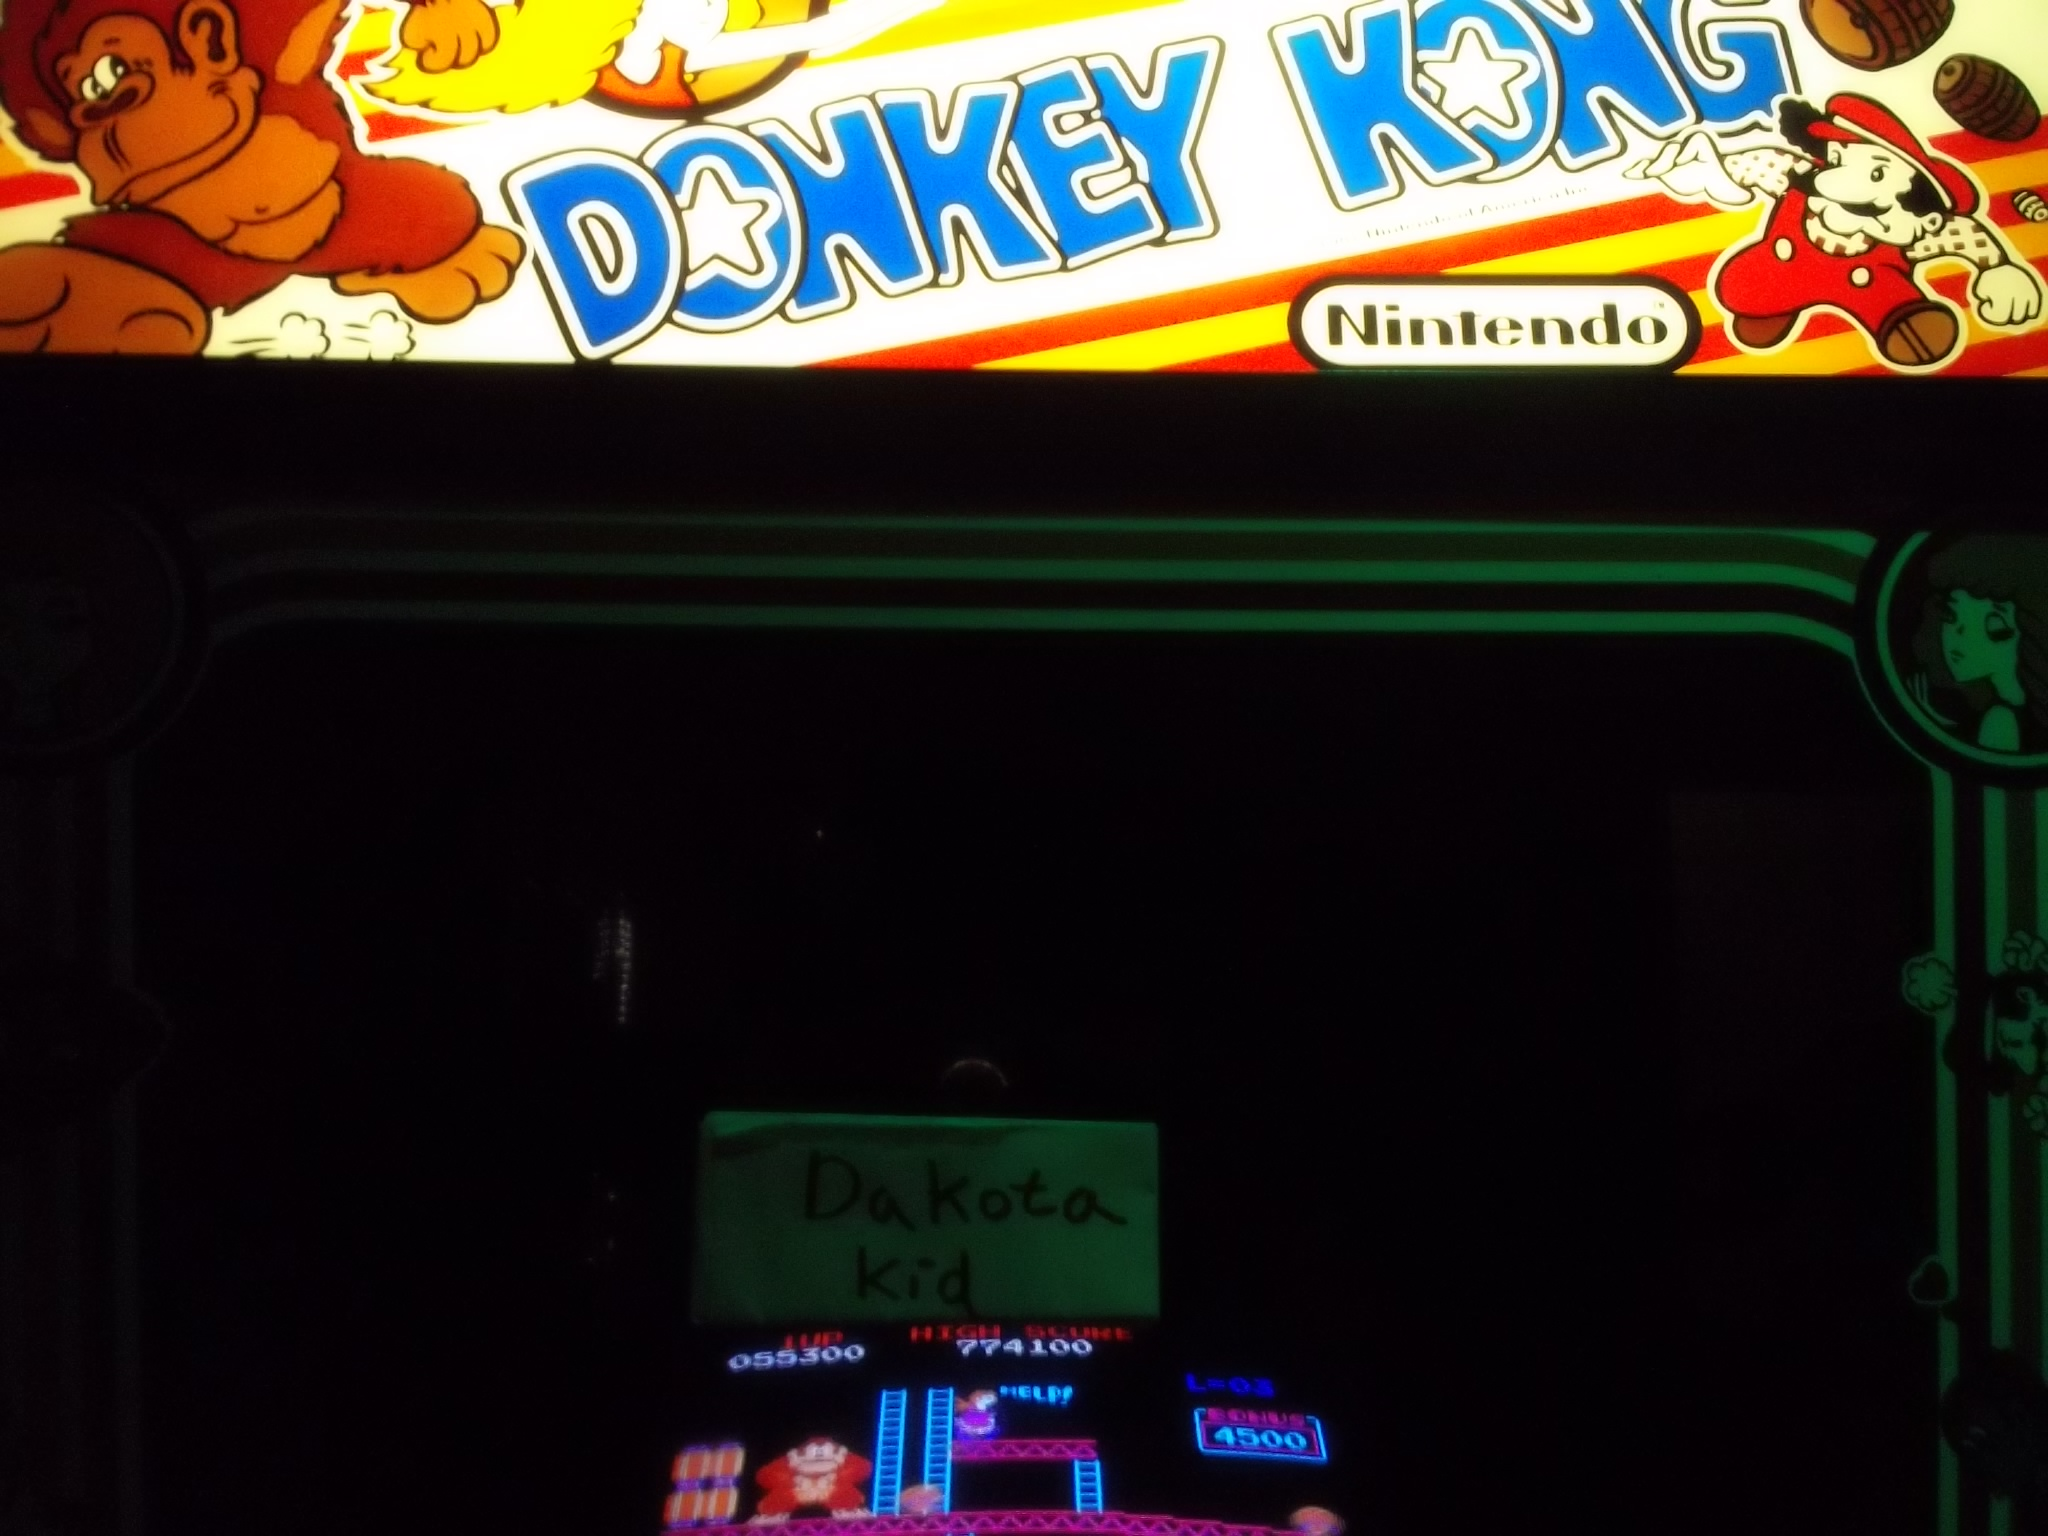 Donkey Kong 55,300 points